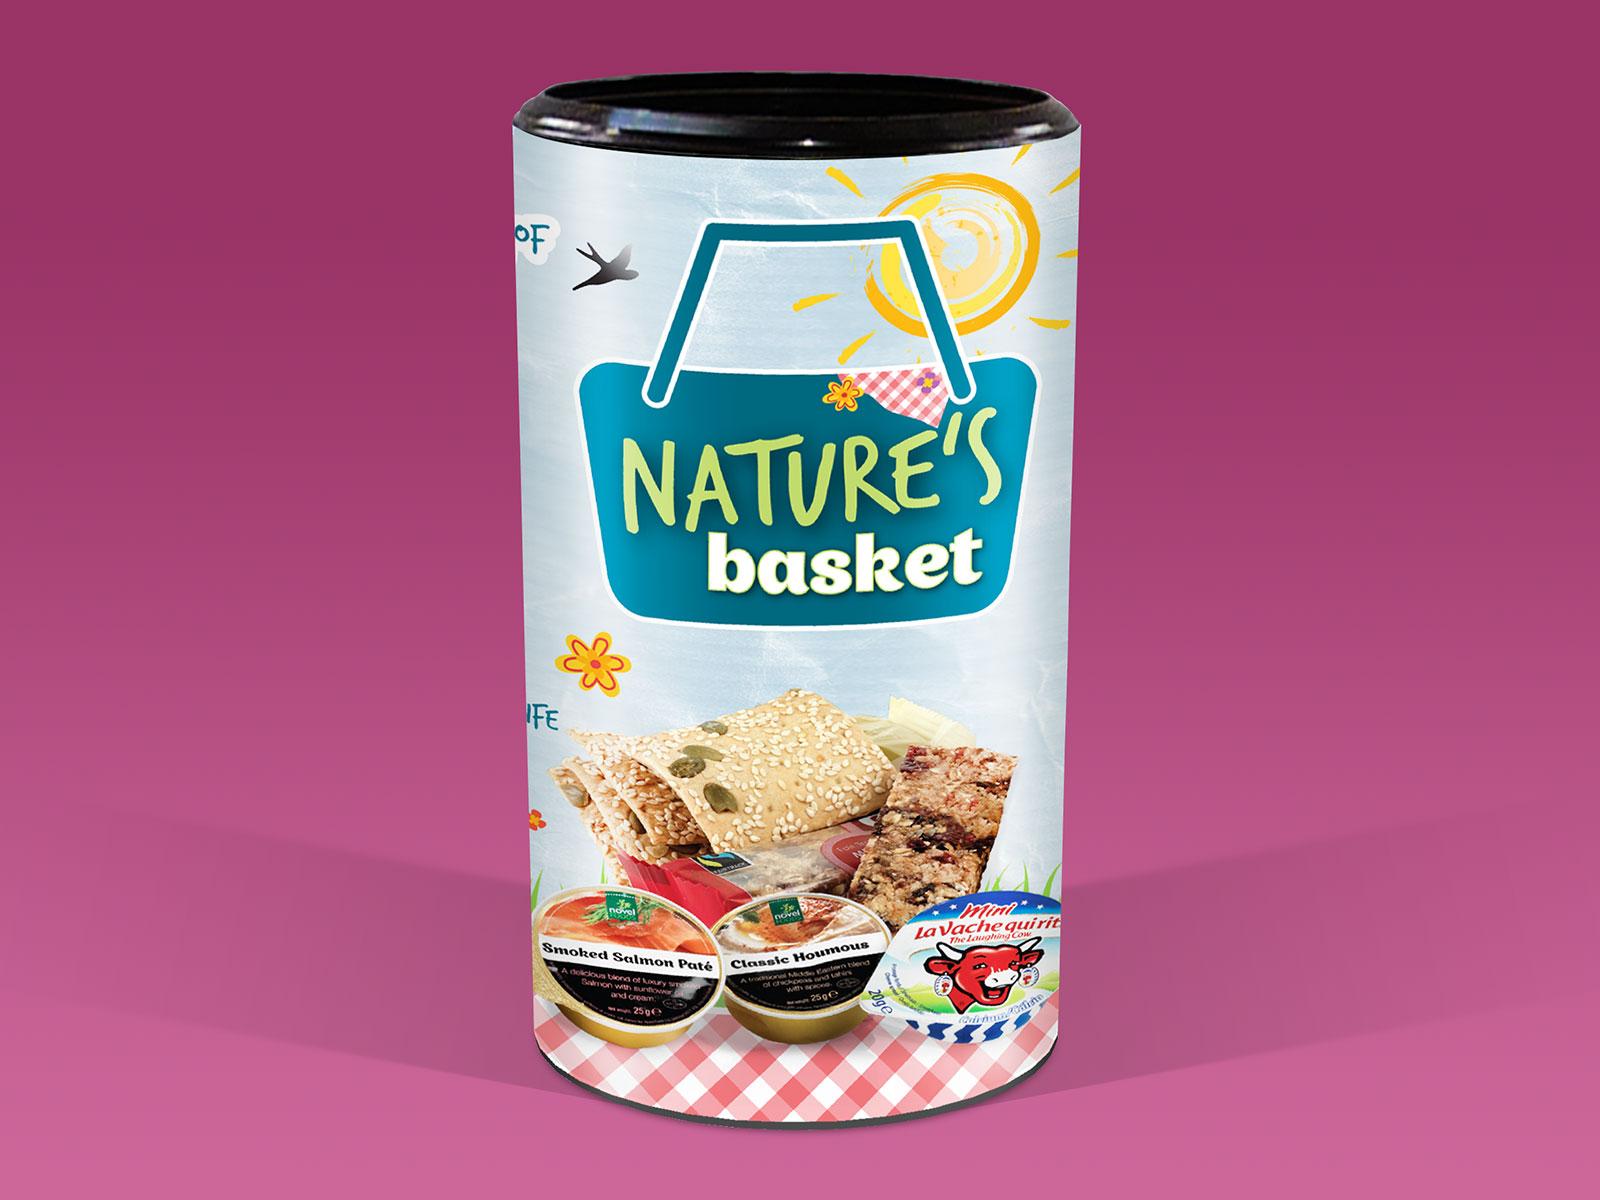 Novel Foods Natures Basket Packaging Design